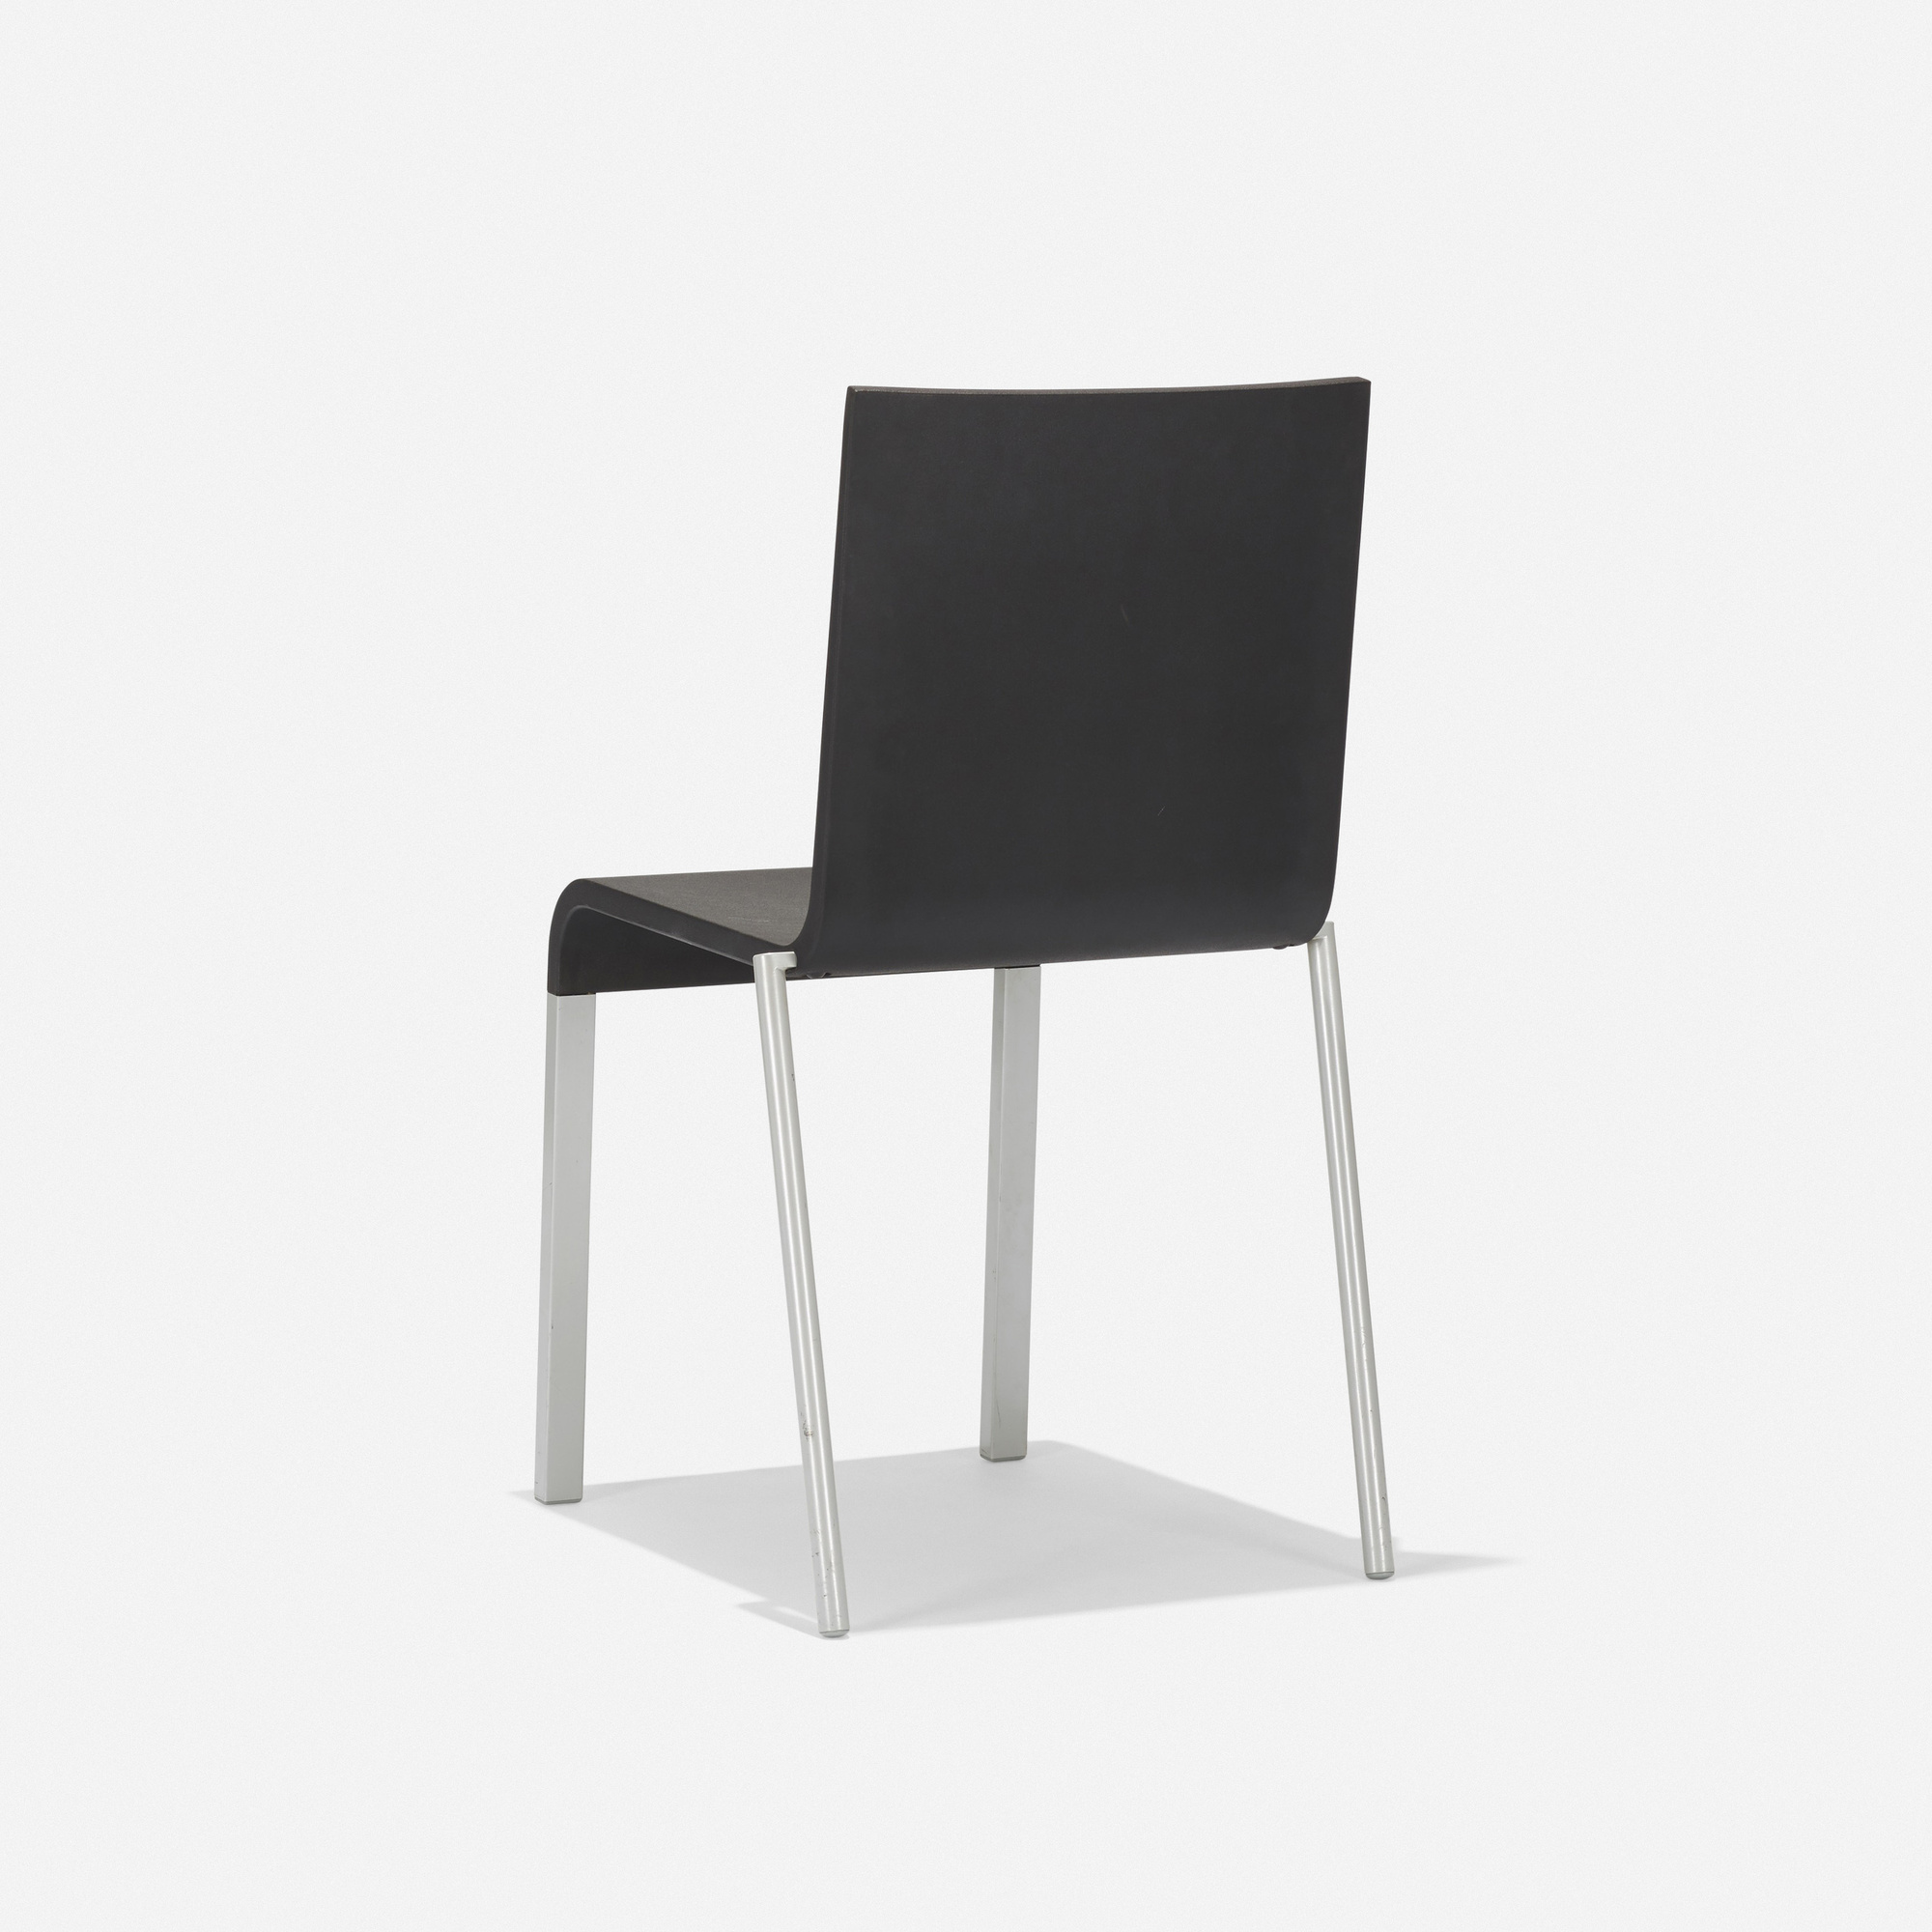 435: Maarten van Severen / Chair no. 3 (2 of 3)